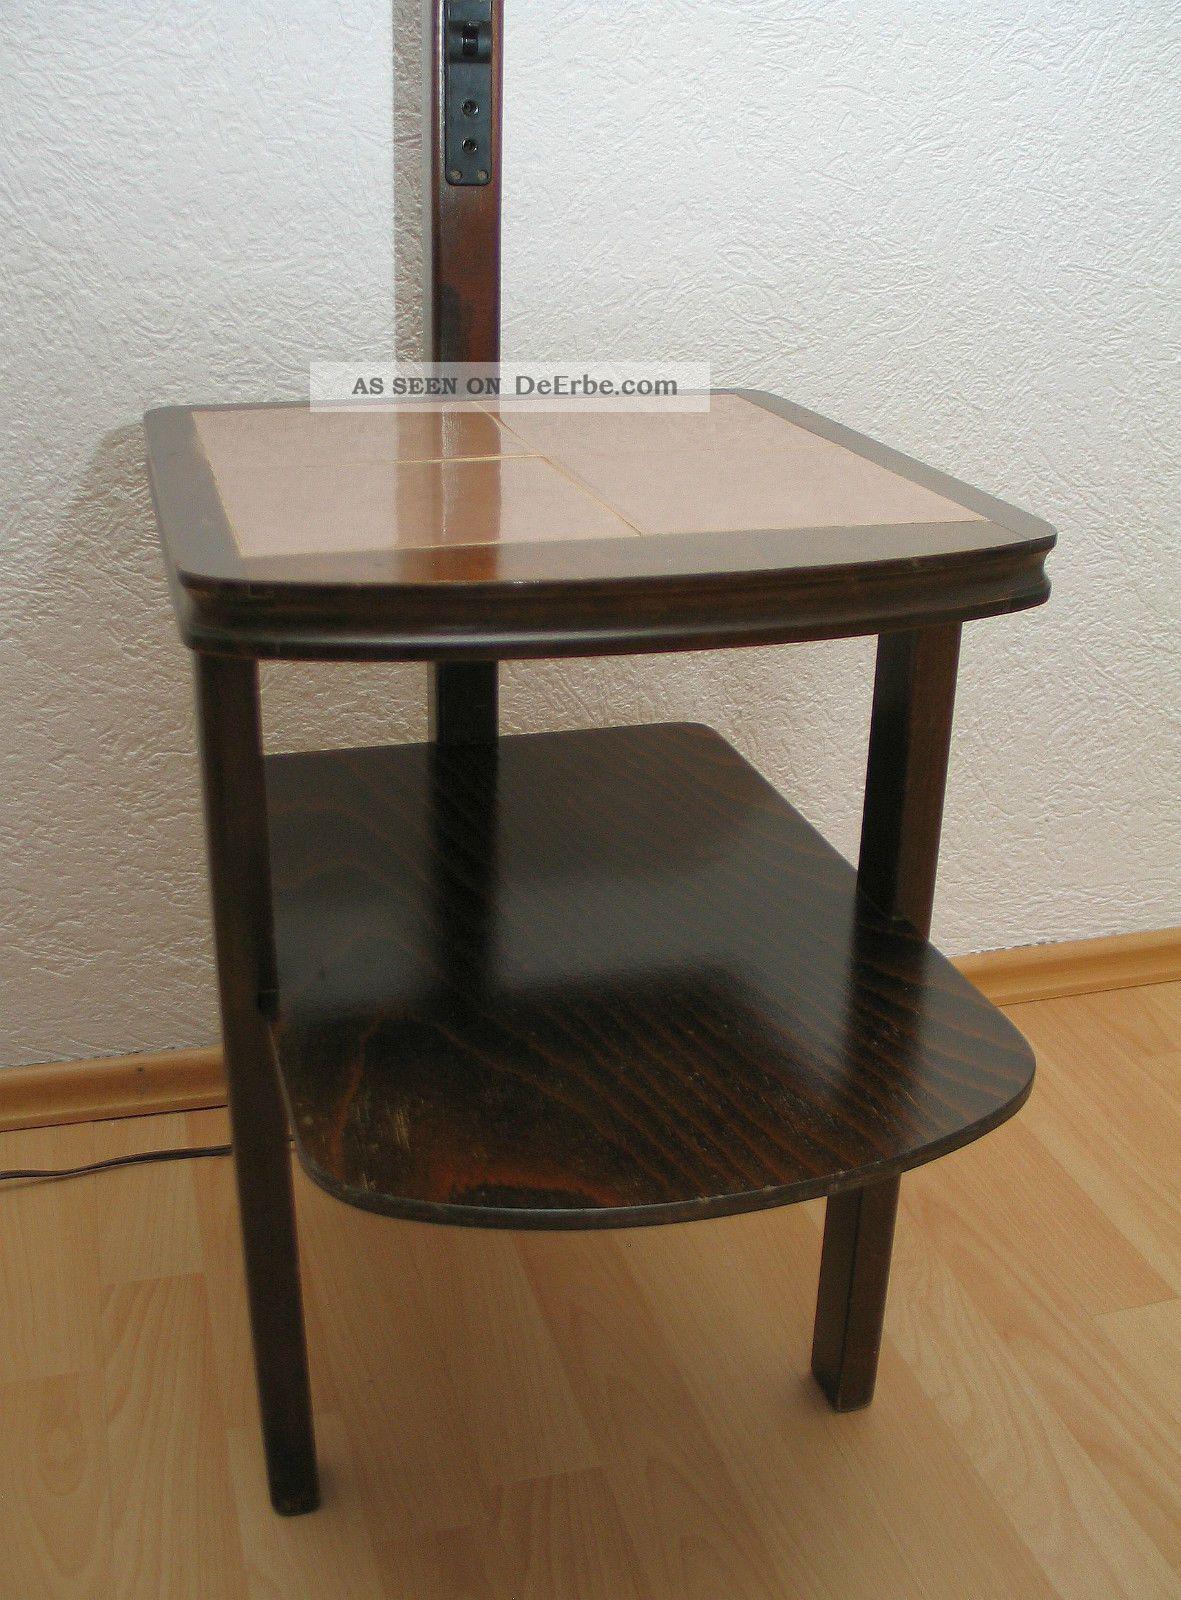 Alte stehlampe mit integr tisch 50er jahre aus for Tisch 50er design